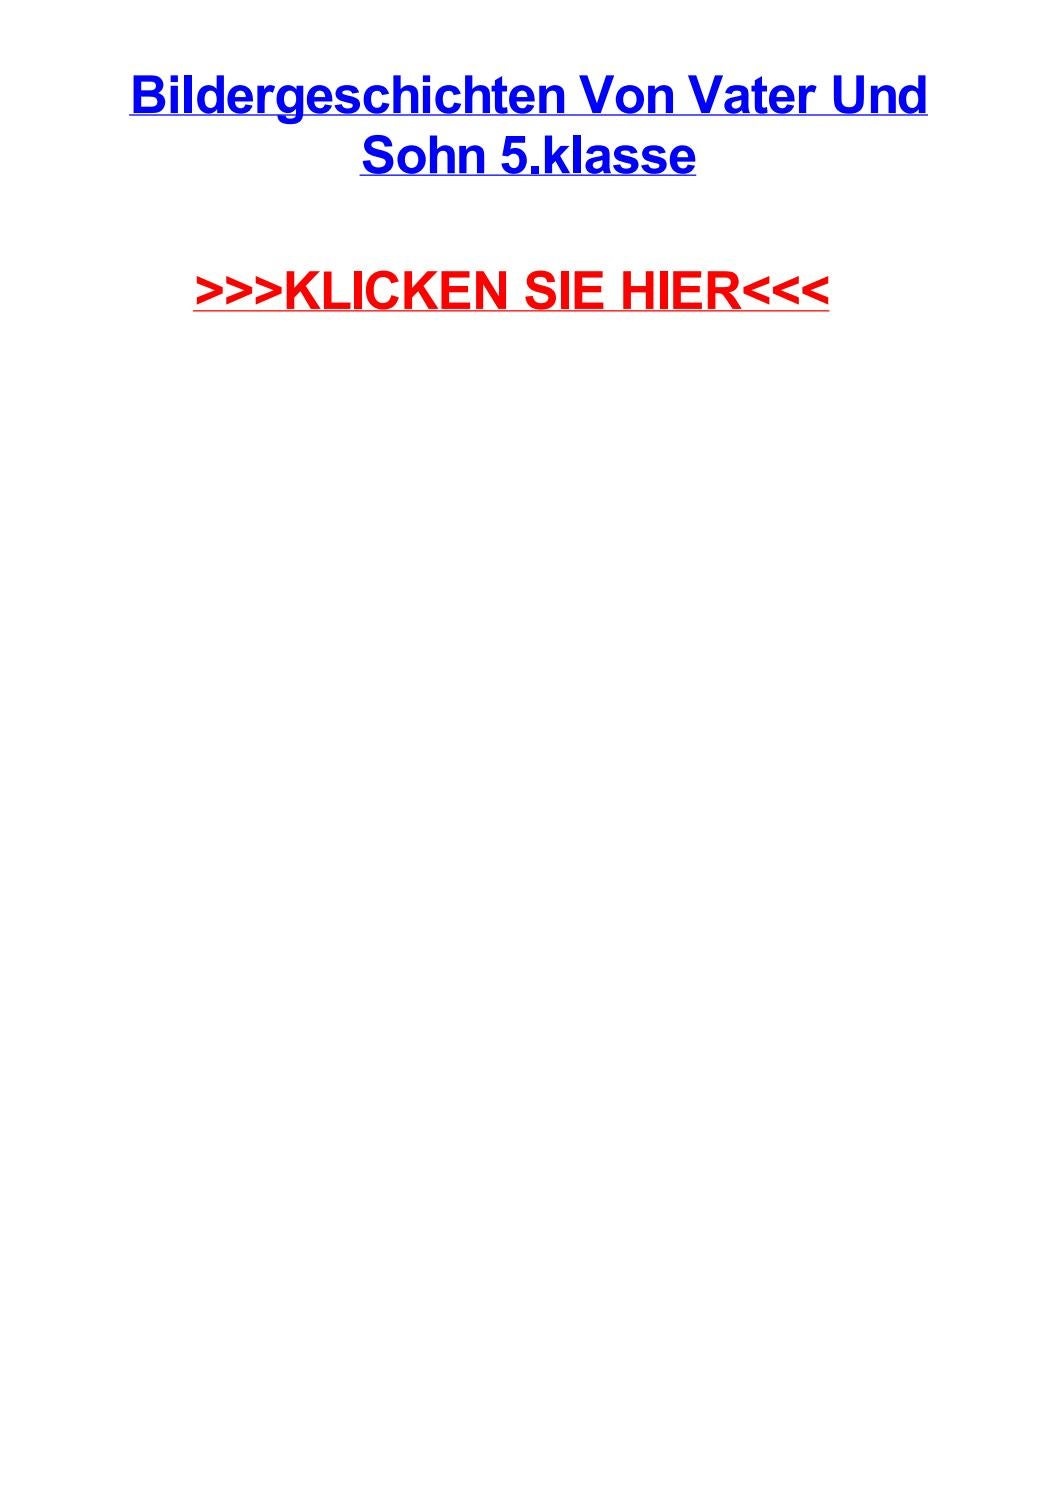 Beste Grad 4 Mathe Arbeitsblatt Multiplikation Ideen - Mathe ...